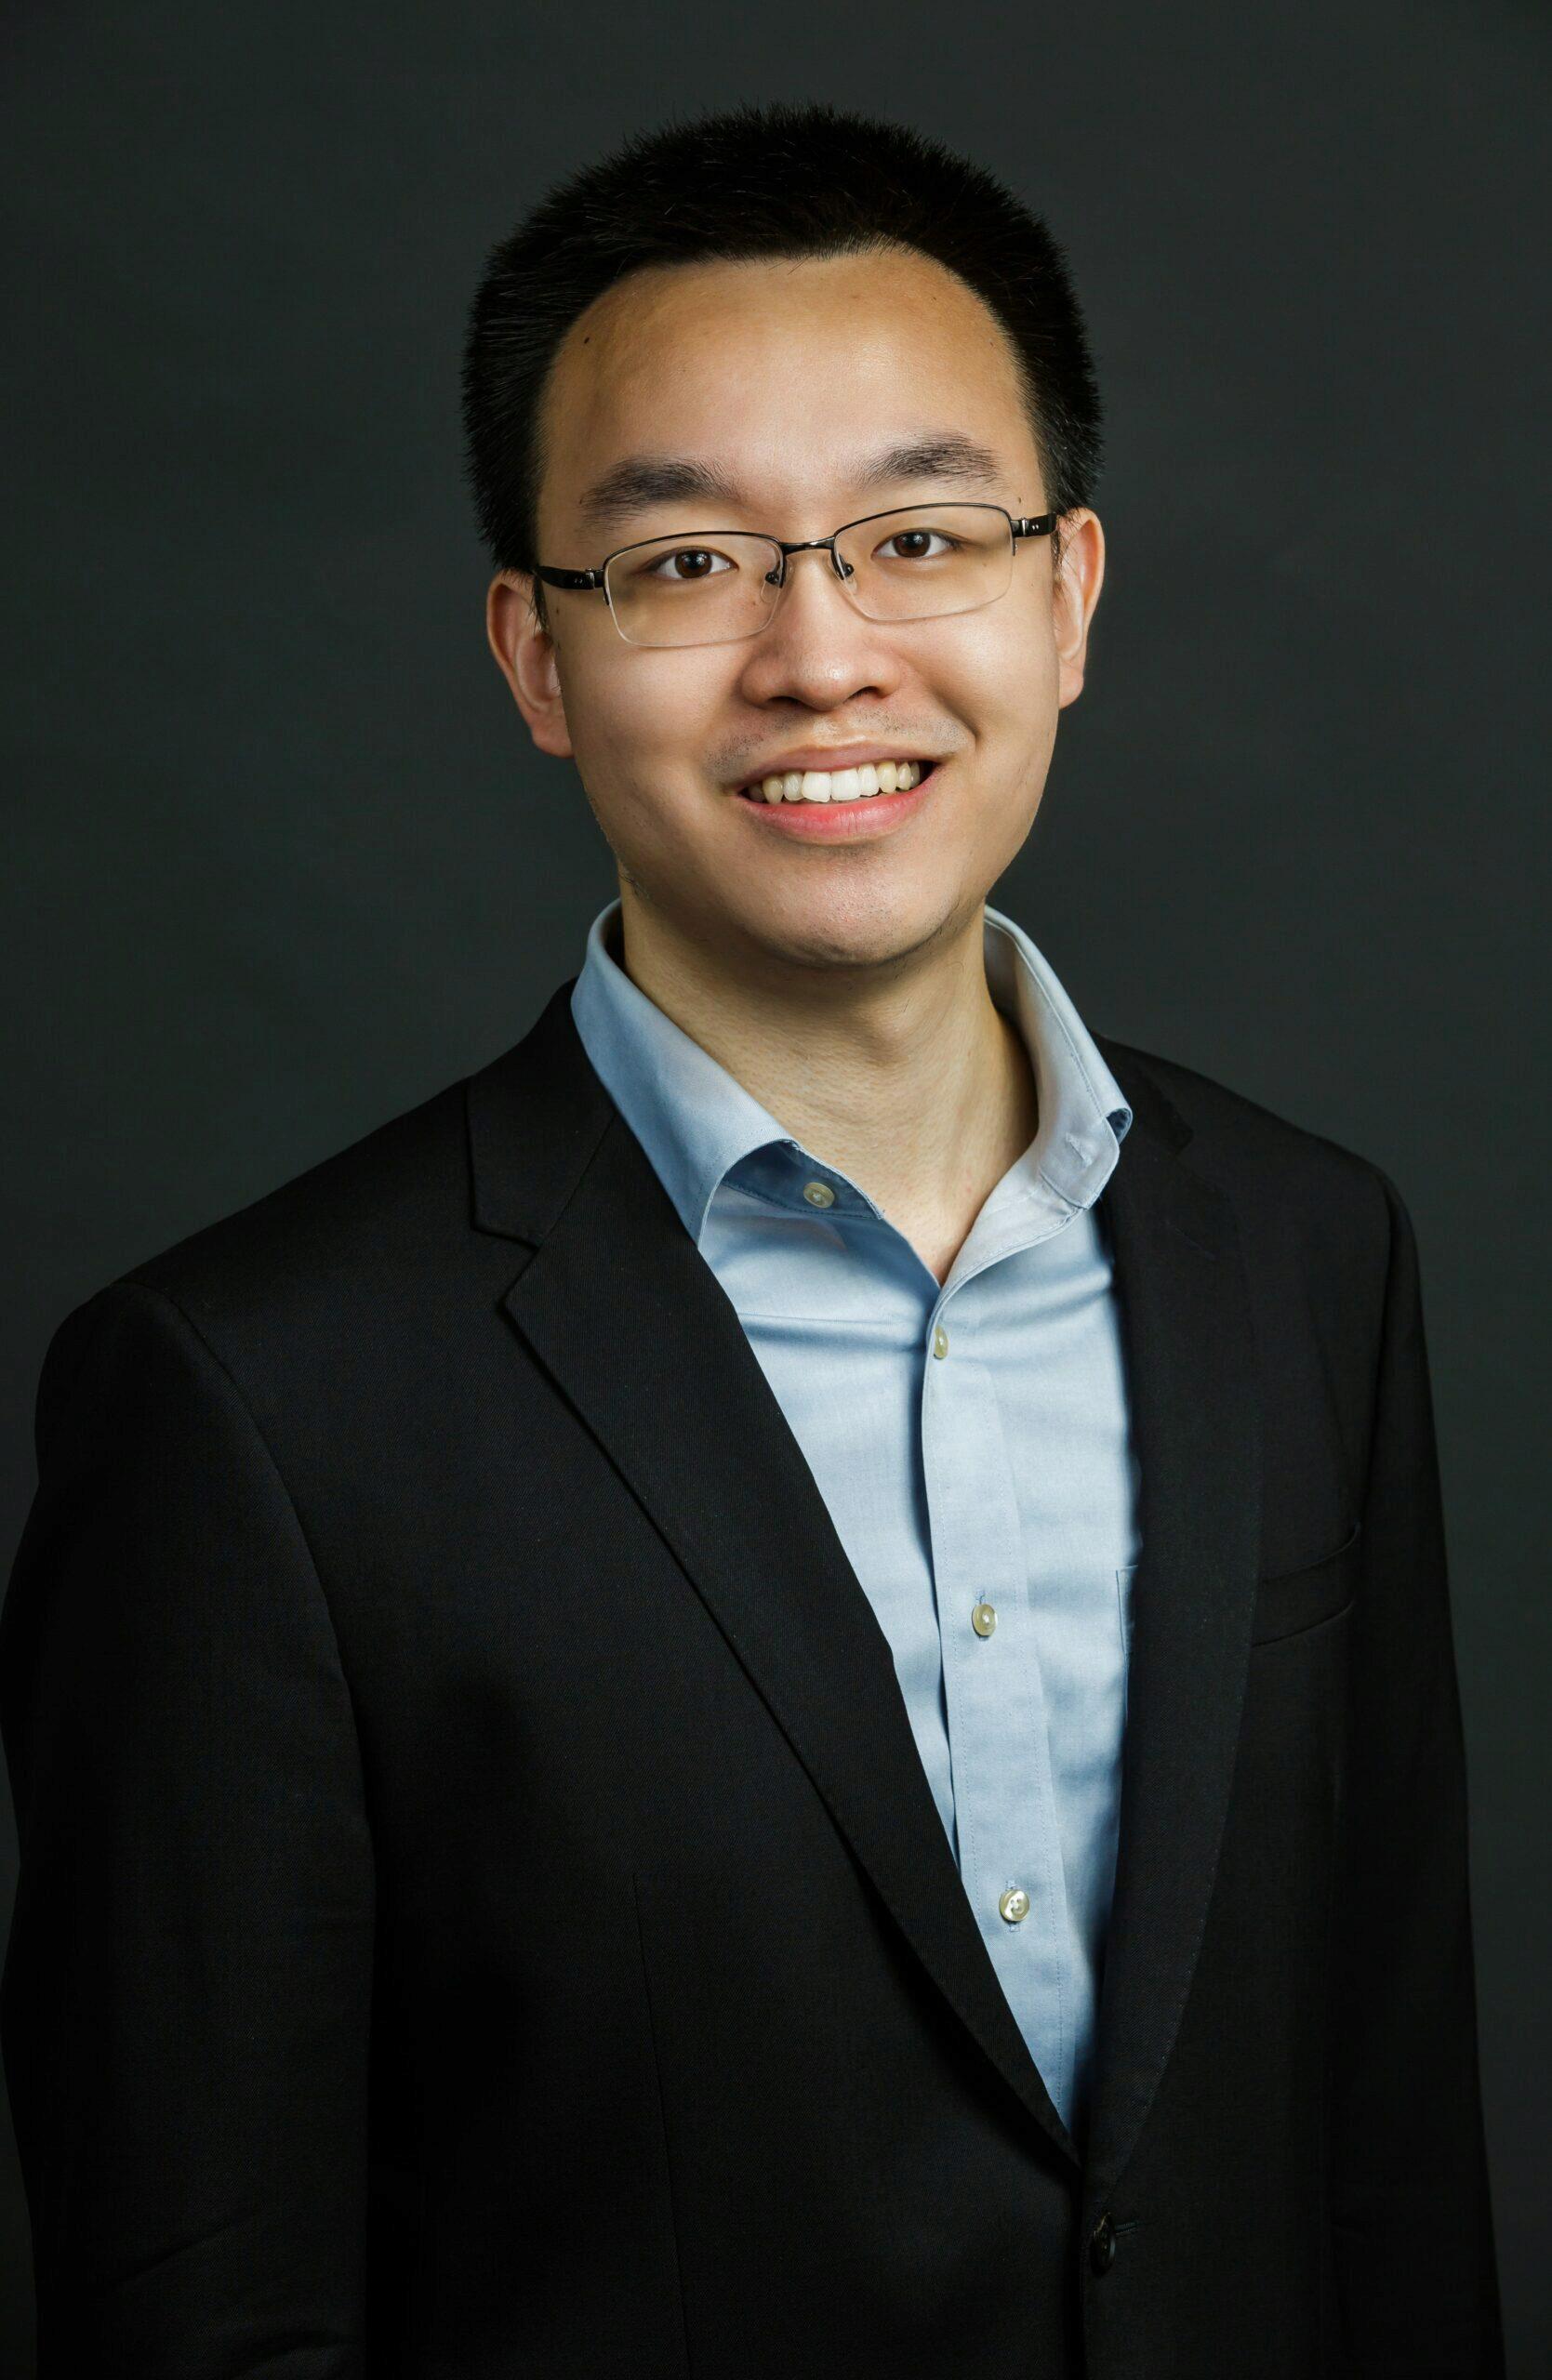 Jack (Xiaoyong) Fu